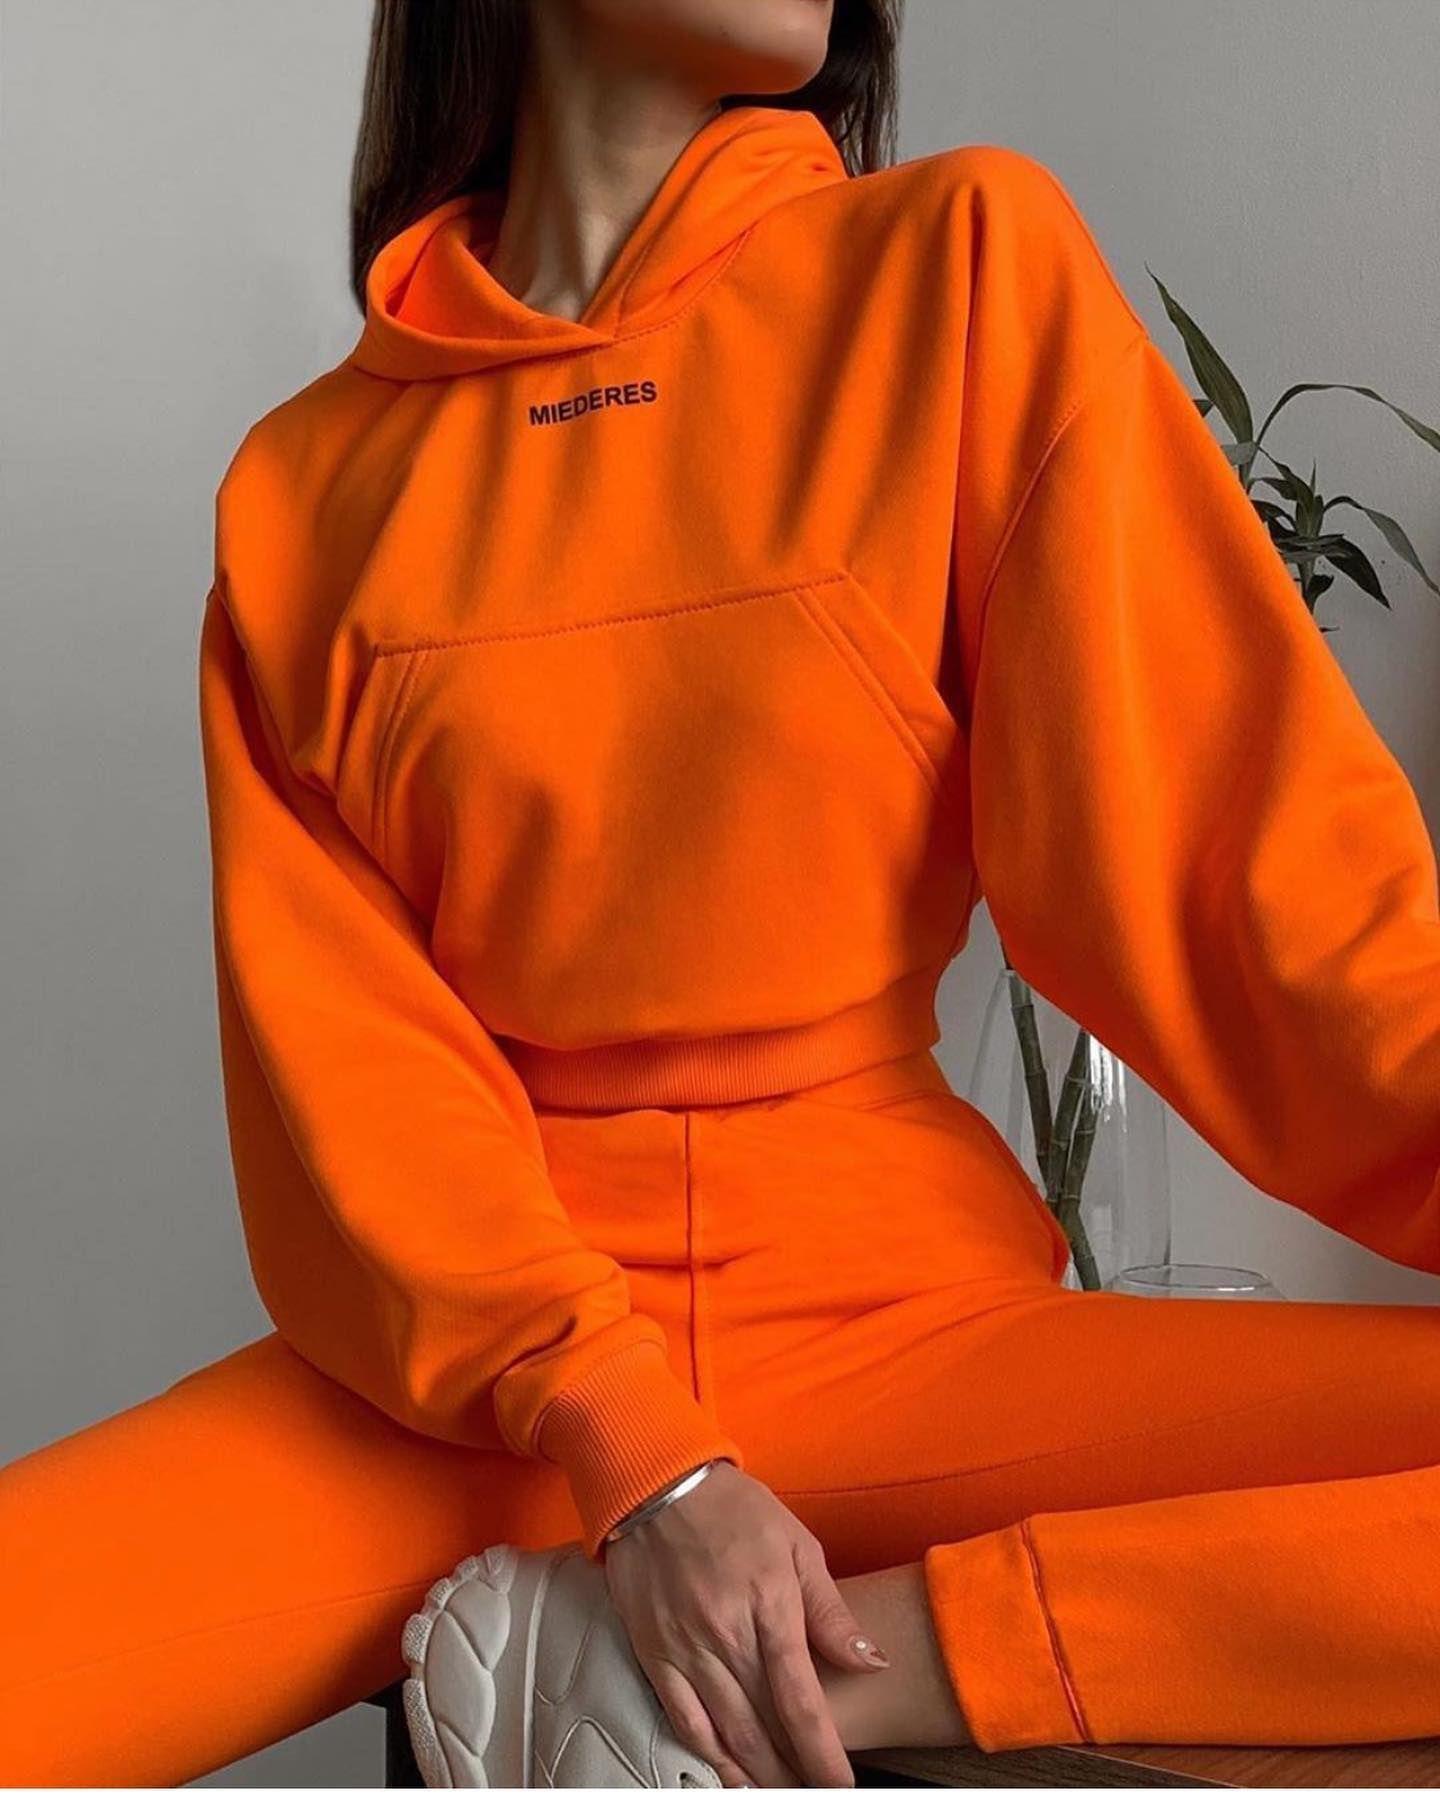 Костюм оранжевый укорочённый!🔥🔥🔥 TOTALLOOKMIEDERES✔️ #miederes  Без начёса Состав: ХЛ 80% ПЭ 20%  Рост модели : 170см  Напишите нам , пожалуйста, в Директ 📩 мы Вам напишем актуальную цену 🕊 🖤  MIEDERES.com  #спортивныйкостюм  #одеждадляспорта #одеждадляфитнеса  #miederes  #худи  #худиоверсайз  #свитшот  #костюм  #кофта  #толстовка #mood  #одежда  #москва #казань #питер #санктпетербург #брендоваяодежда #бренд #шоуруммосква #шоурумказань #доставка #оставайтесьдома #карантин